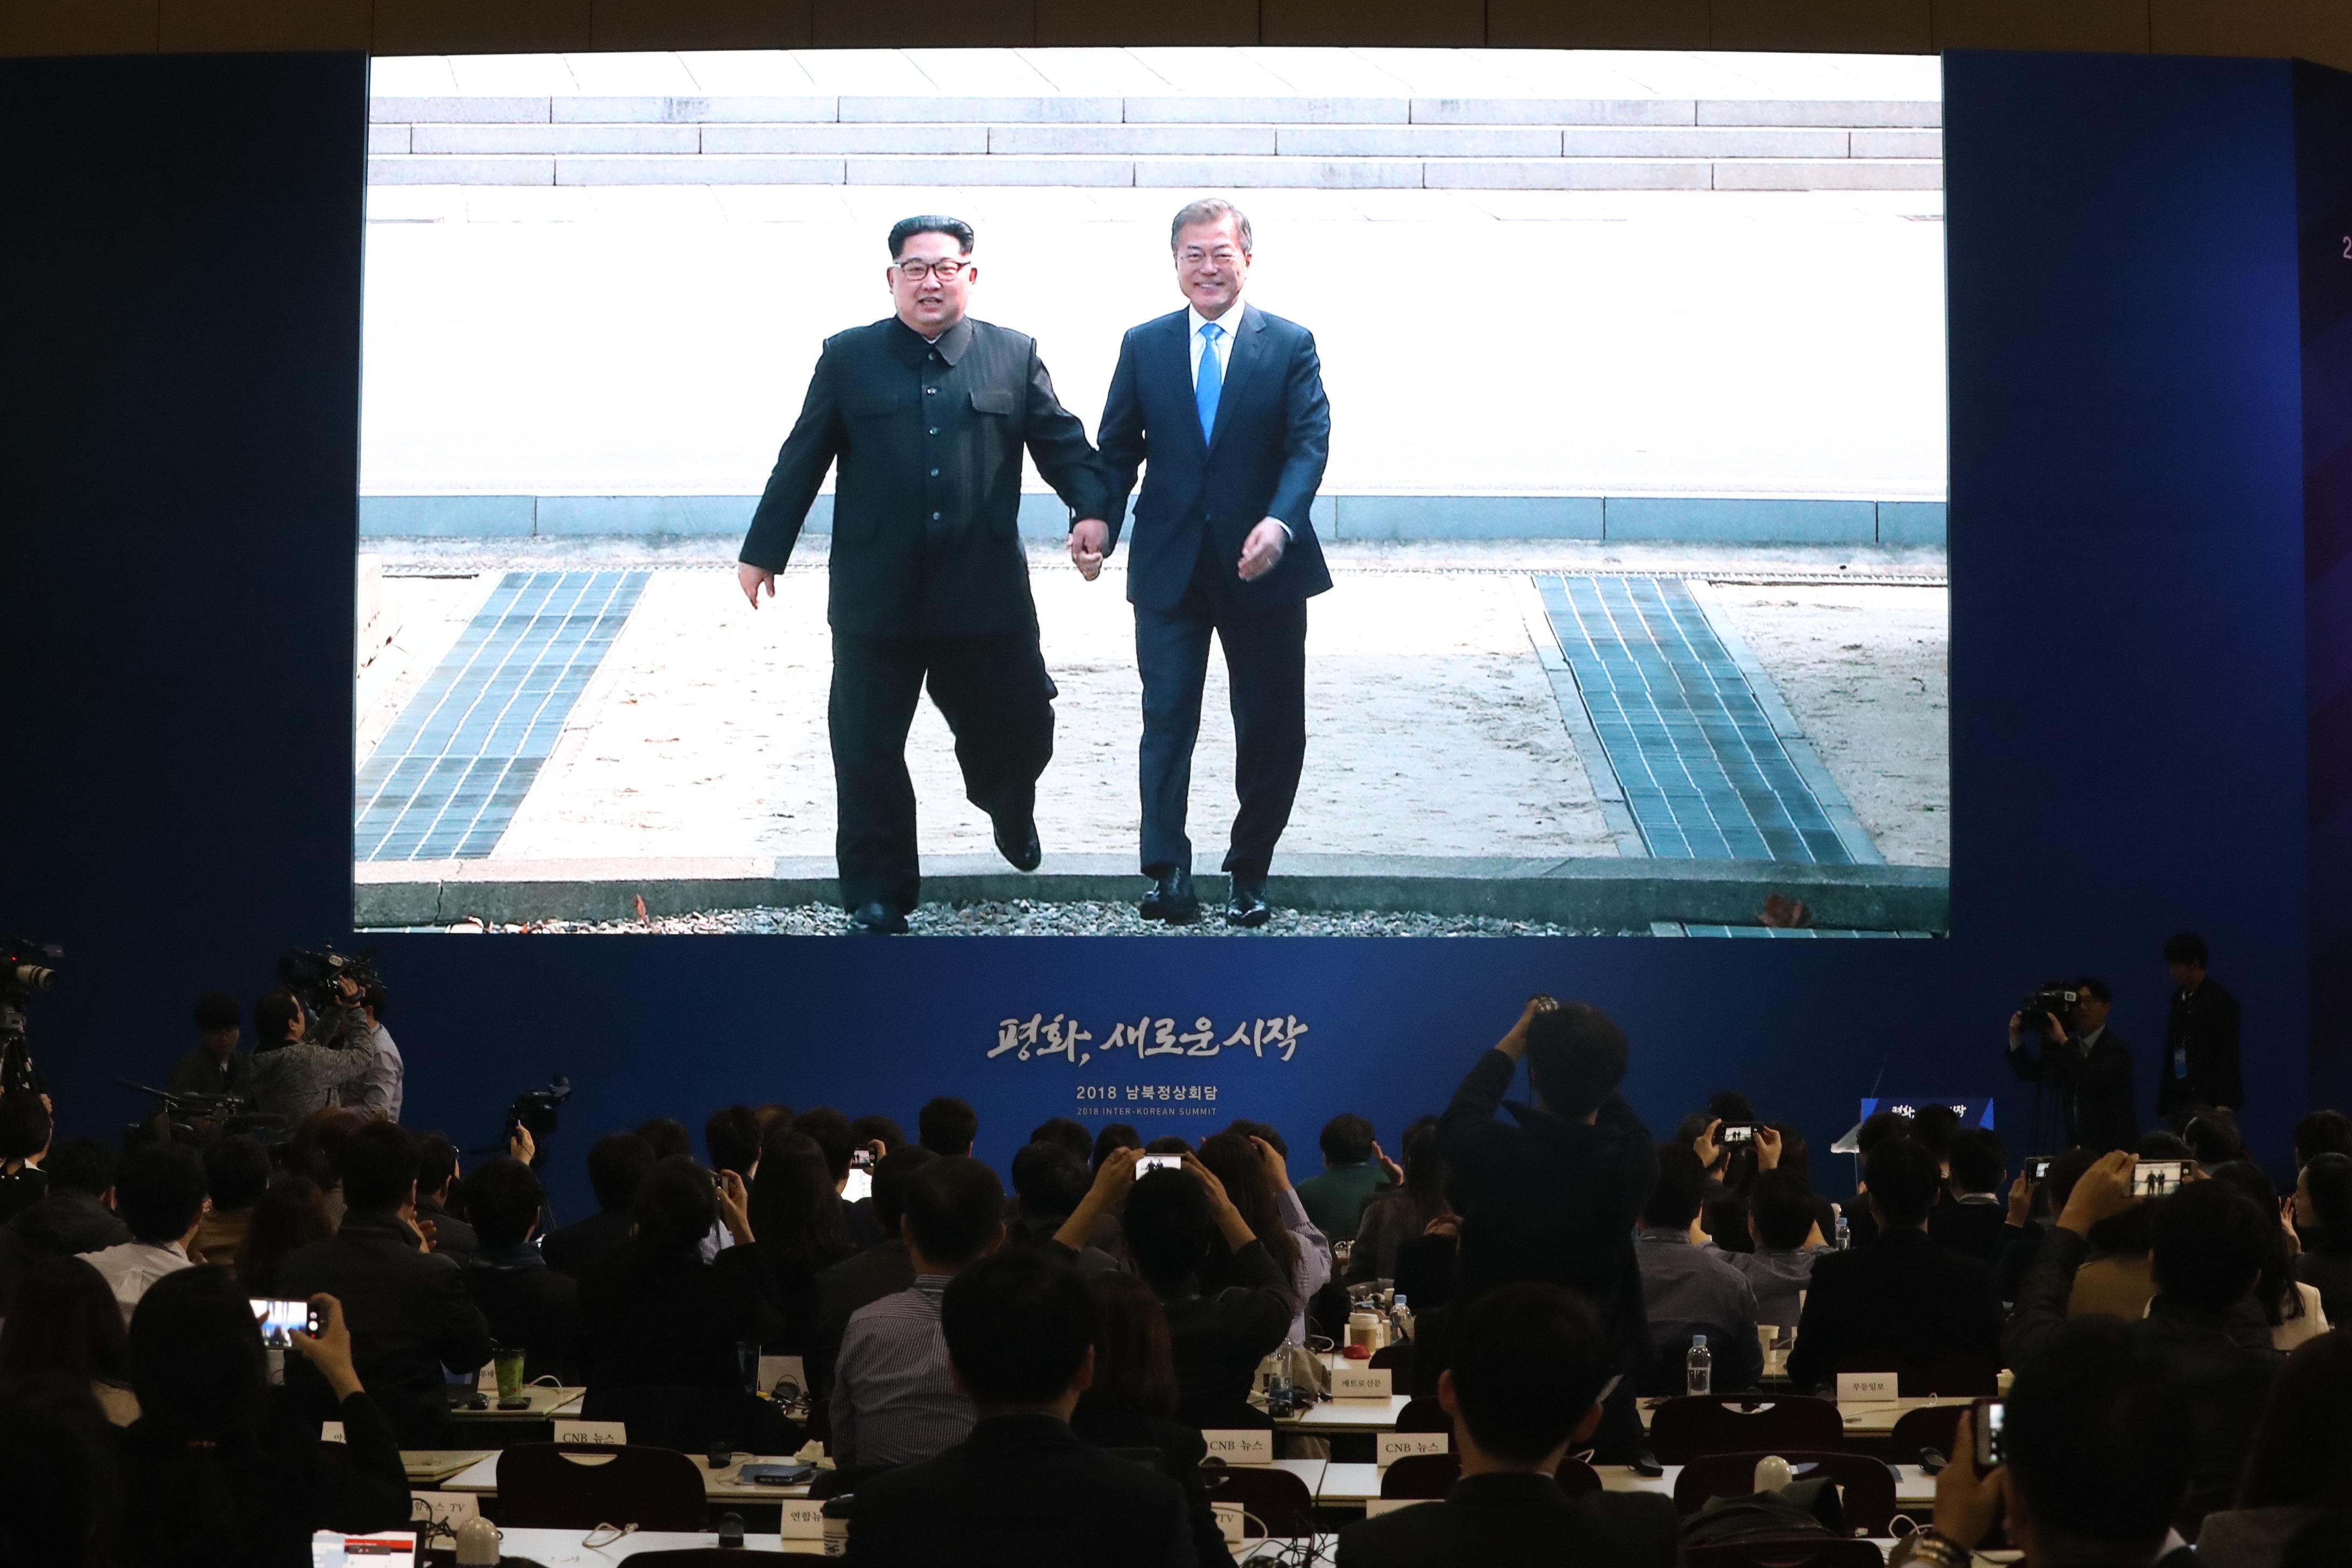 문재인 대통령의 돌발 월경은 김정은 위원장의 `깜짝 제안'이었다